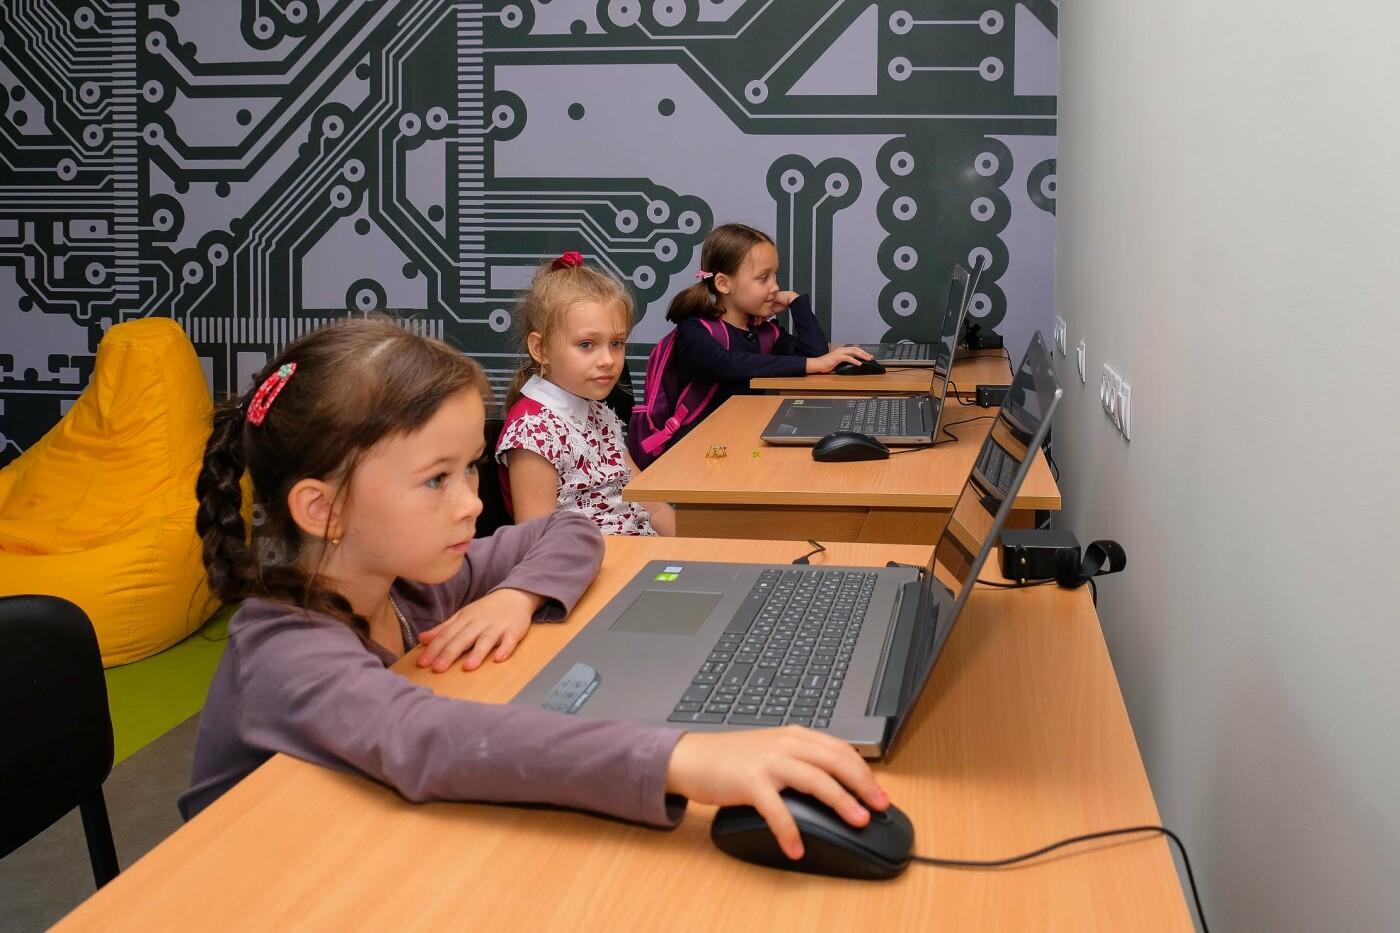 Обучение – бесплатно: в Каменском воспитывают компьютерных гениев, фото-3